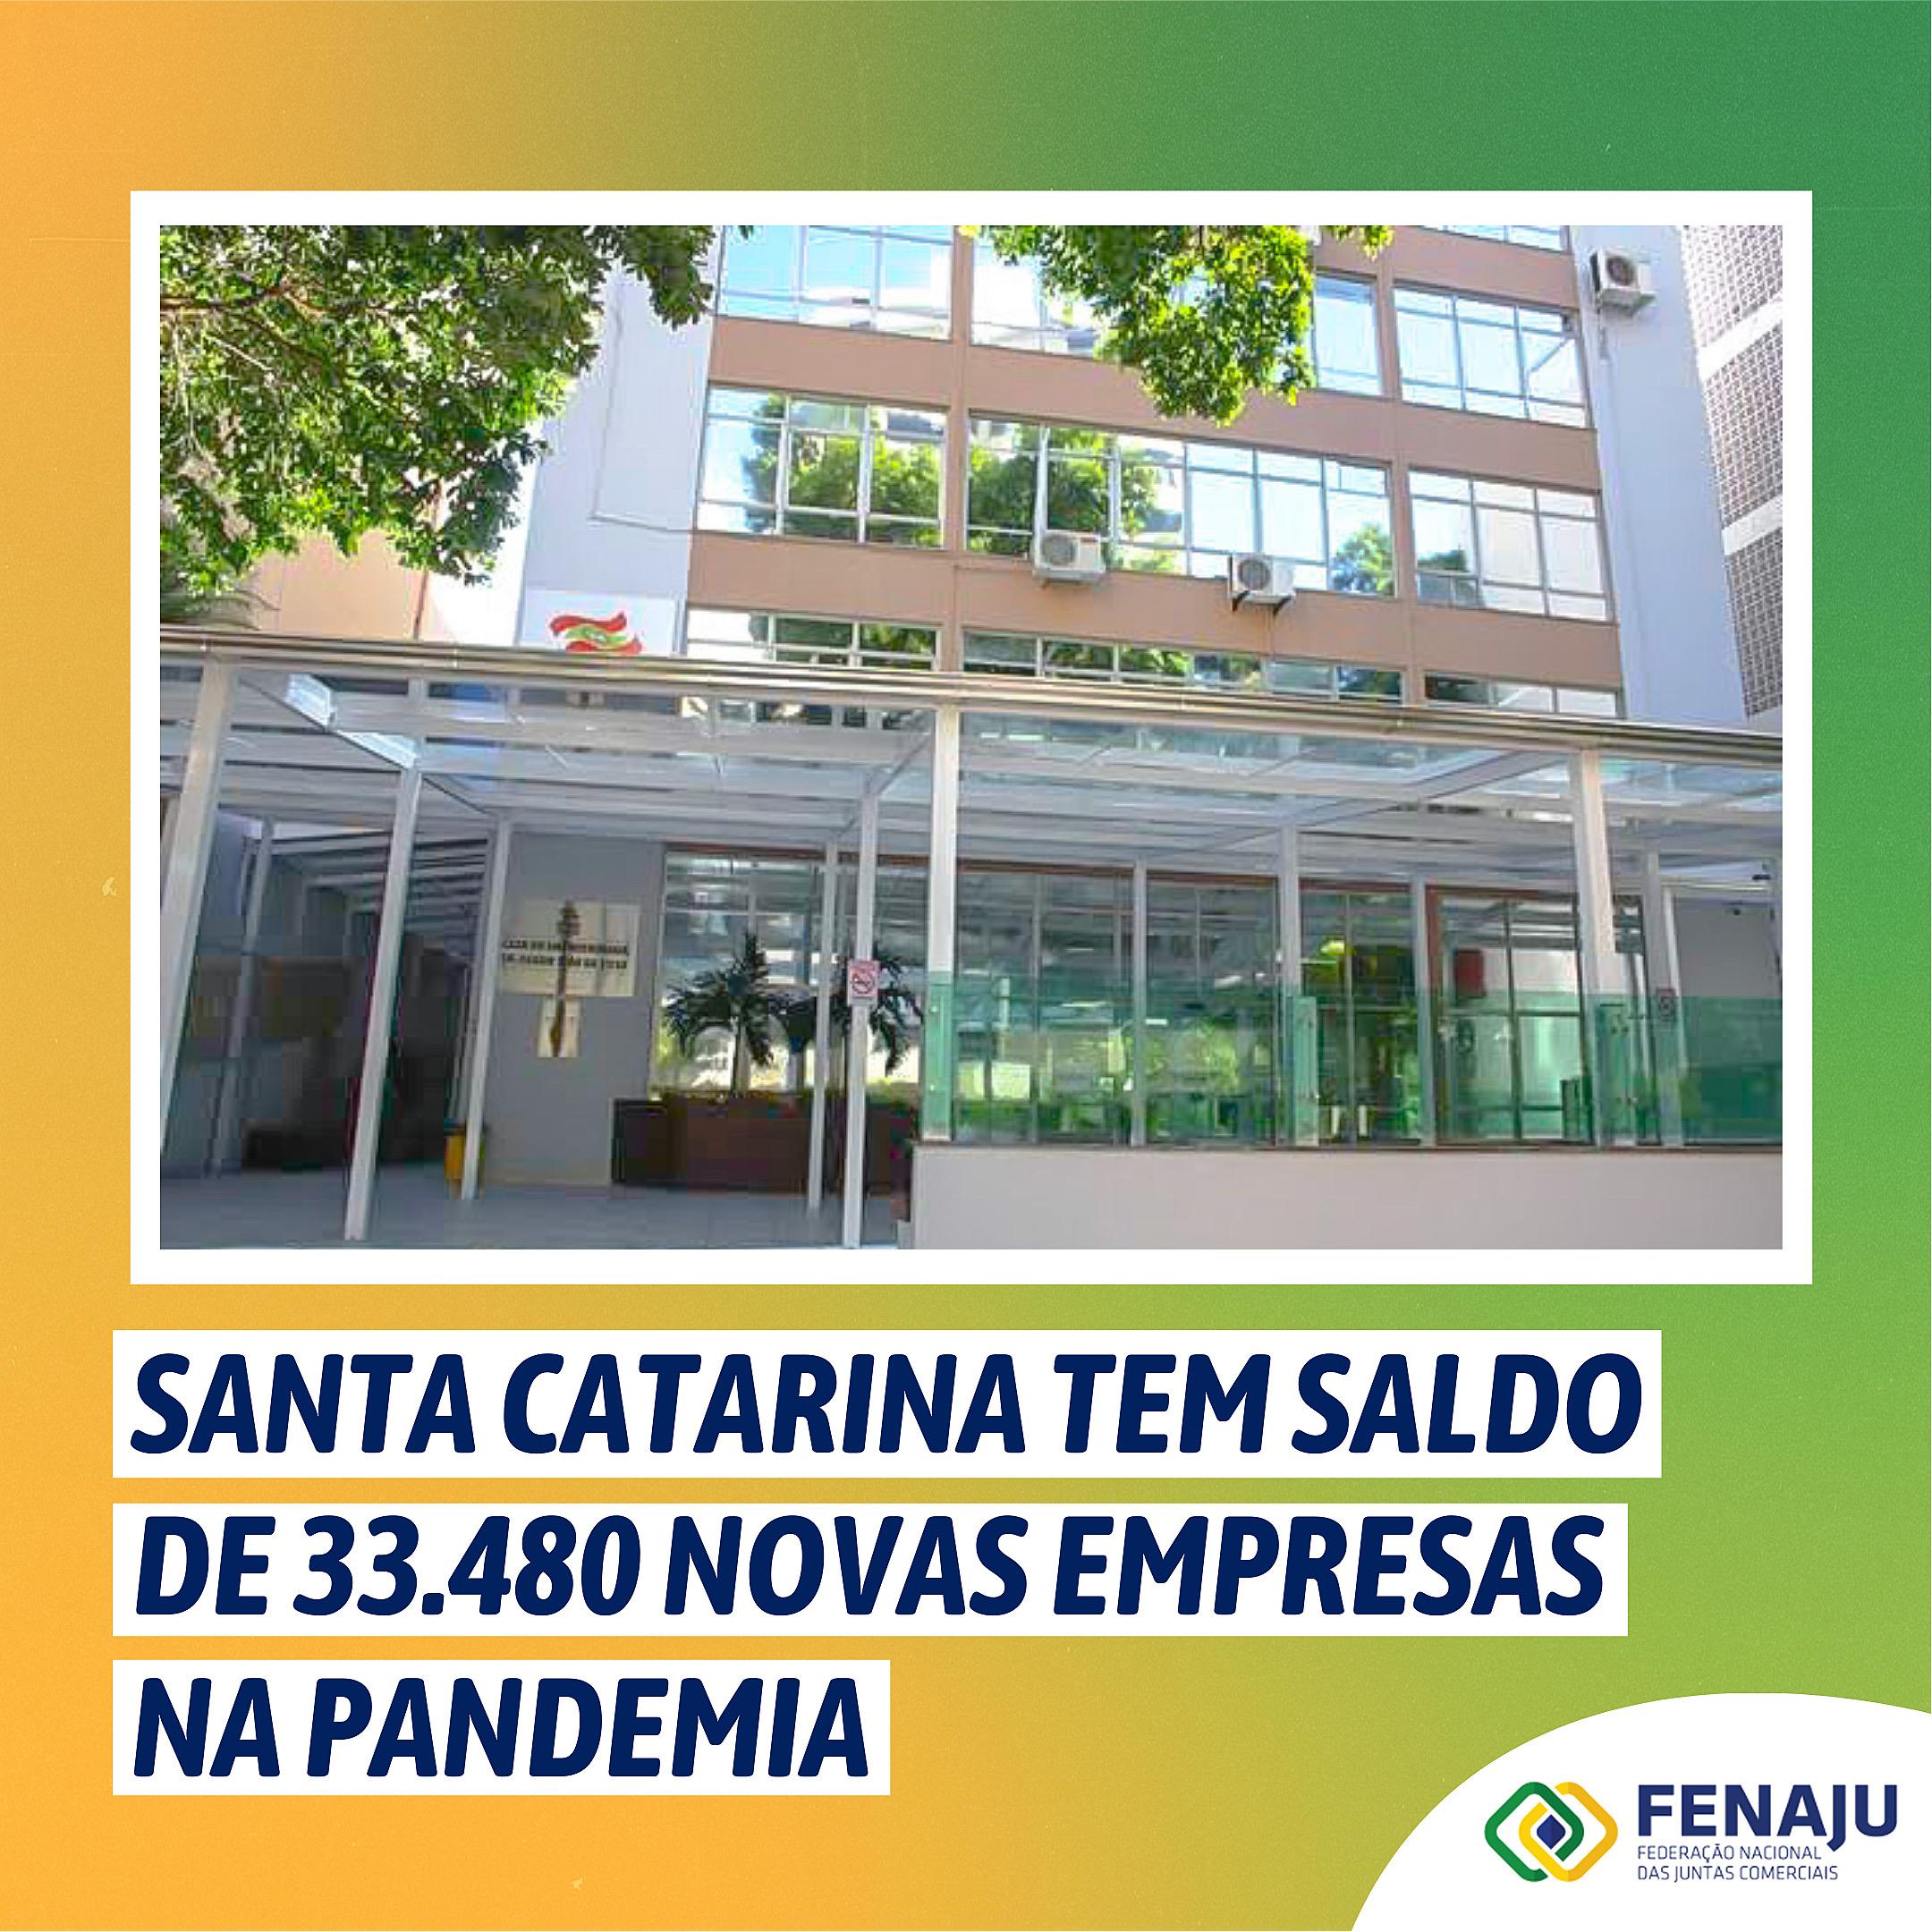 Santa Catarina tem saldo de 33.480 novas empresas na pandemia